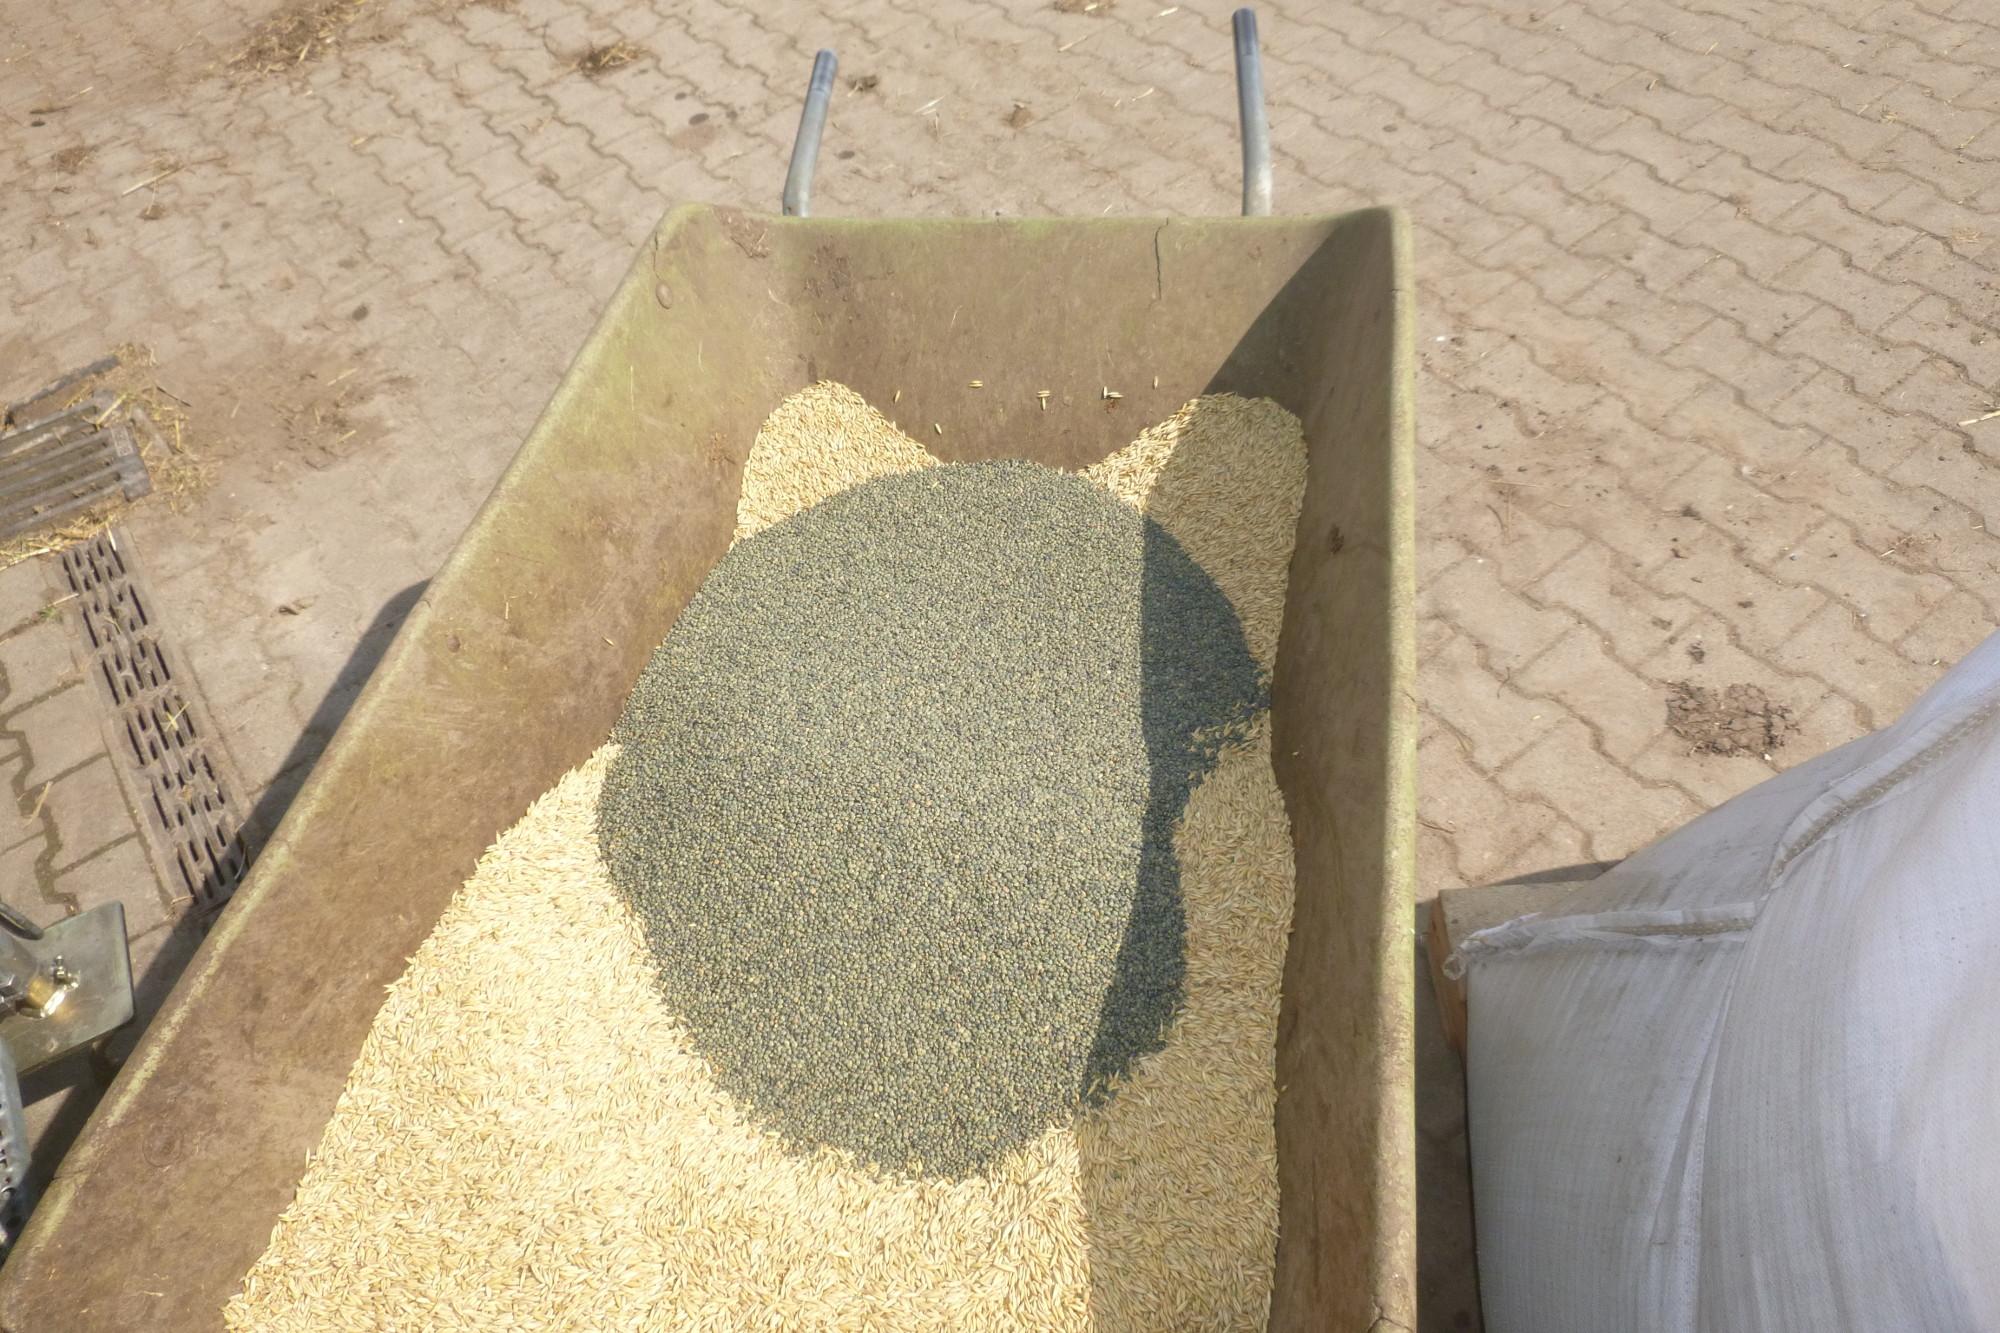 Das Saatgut von Linse und Stützfrucht wird gemischt (hier für eine Aussaat mit Getreide)